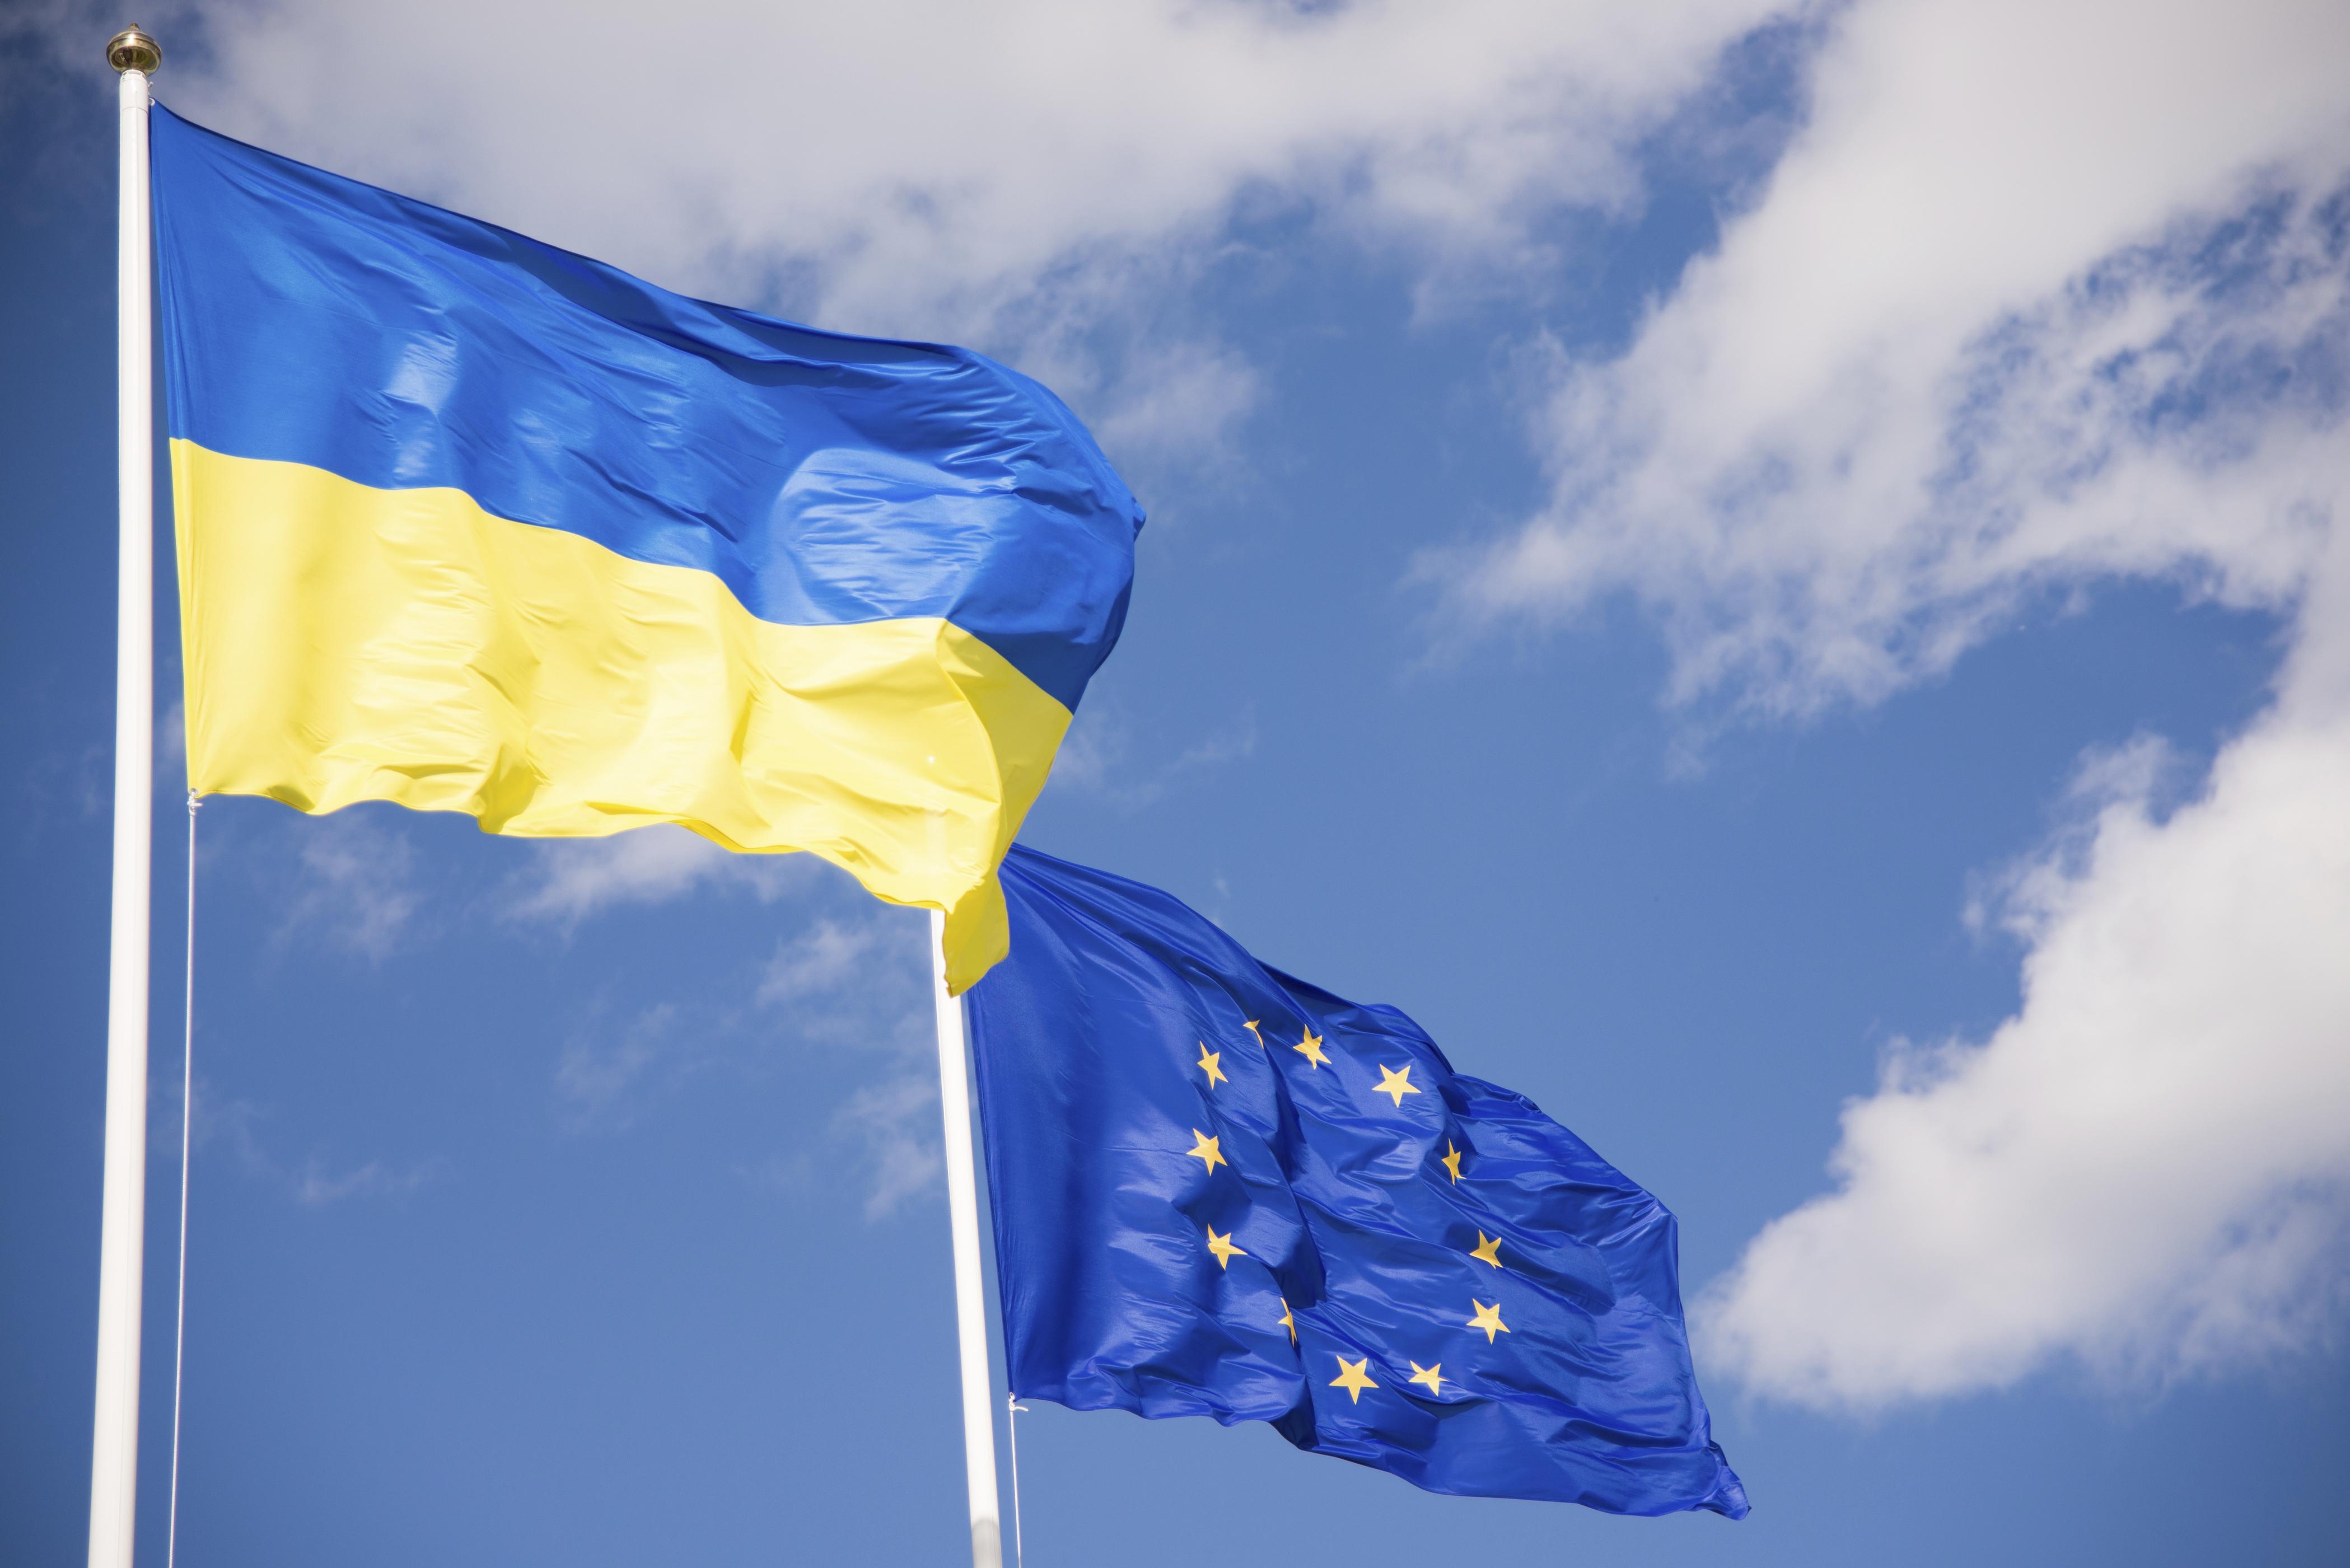 Ucraina-mizează-pe-sprijinul-statelor-UE-pentru-construirea-unei-infrastucturi-eficiente